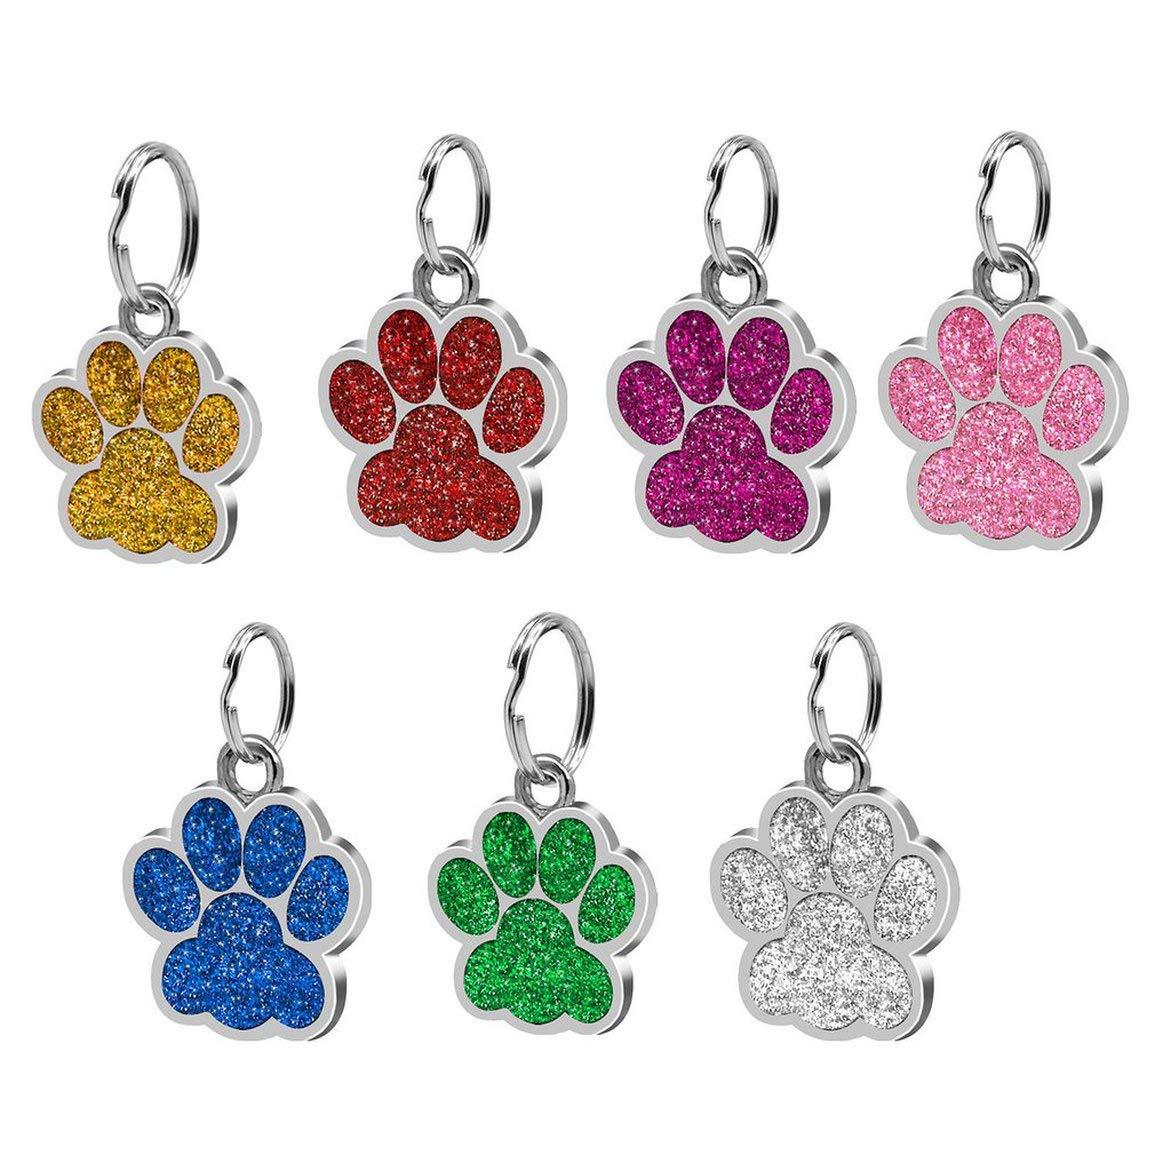 Huellas de Moda Pet Colgante Decoraci/ón Encantadora Joyer/ía para Mascotas Popular Glitter Huella Tarjeta de Identidad Etiqueta de Perro Accesorios para Mascotas